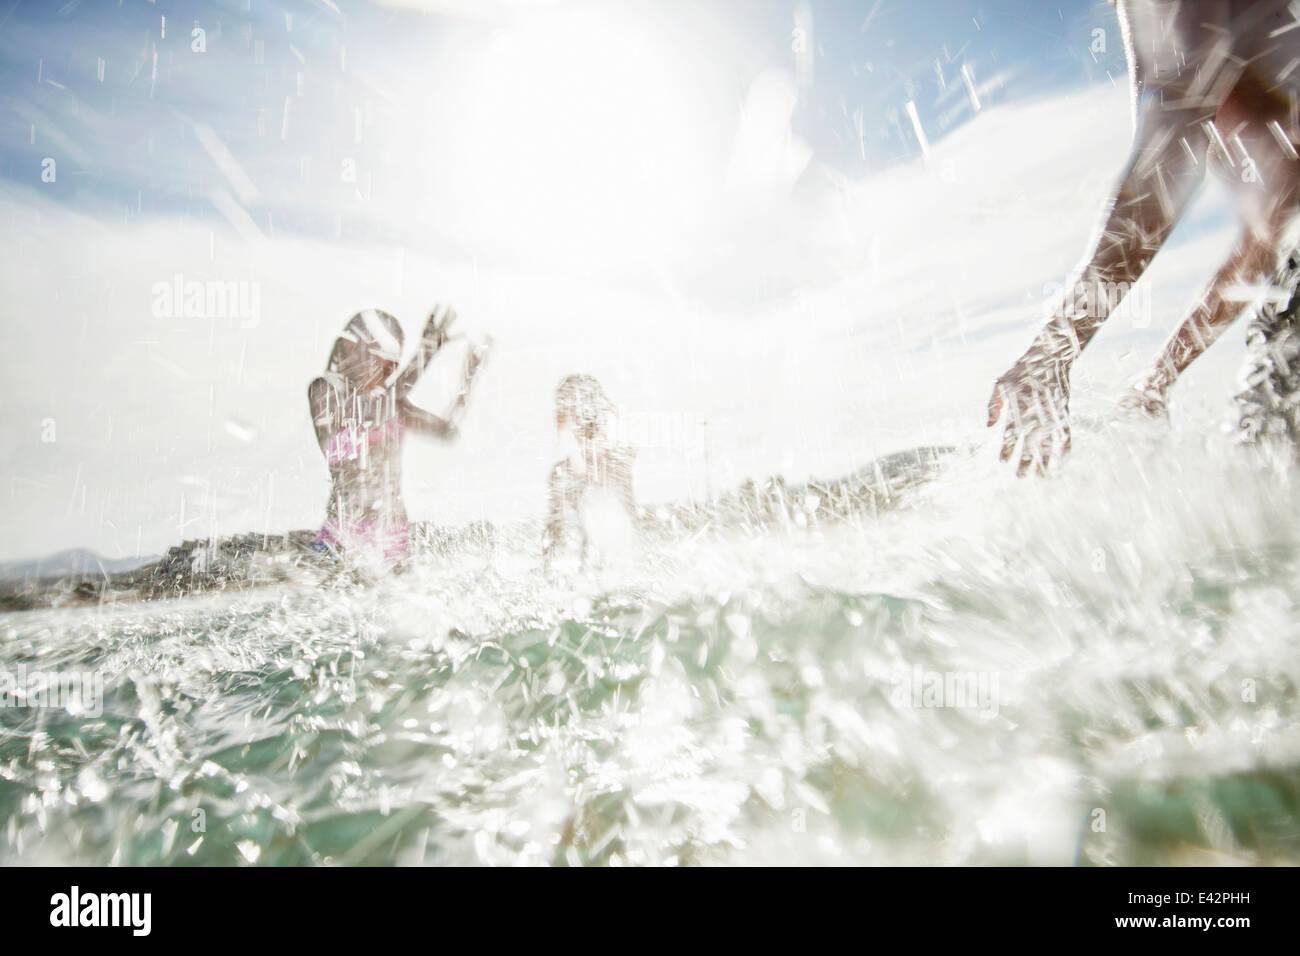 Le père avec son fils et sa fille éclaboussant les uns les autres sur la plage Photo Stock